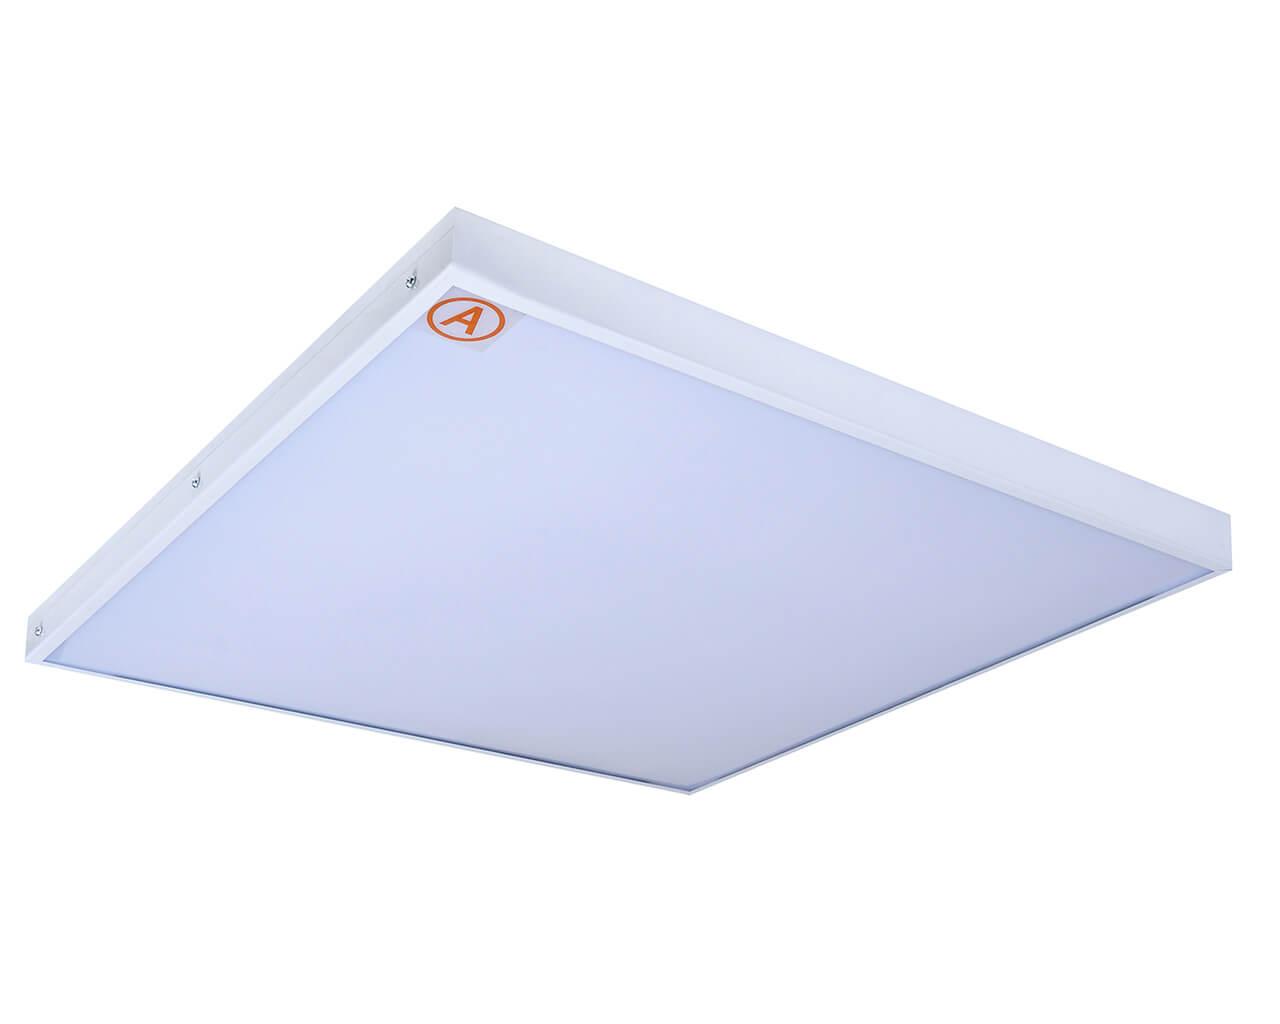 Универсальный светильник LC-US-40-OP-WW ватт 595x595 Теплый белый Опал с Бап-3 часа